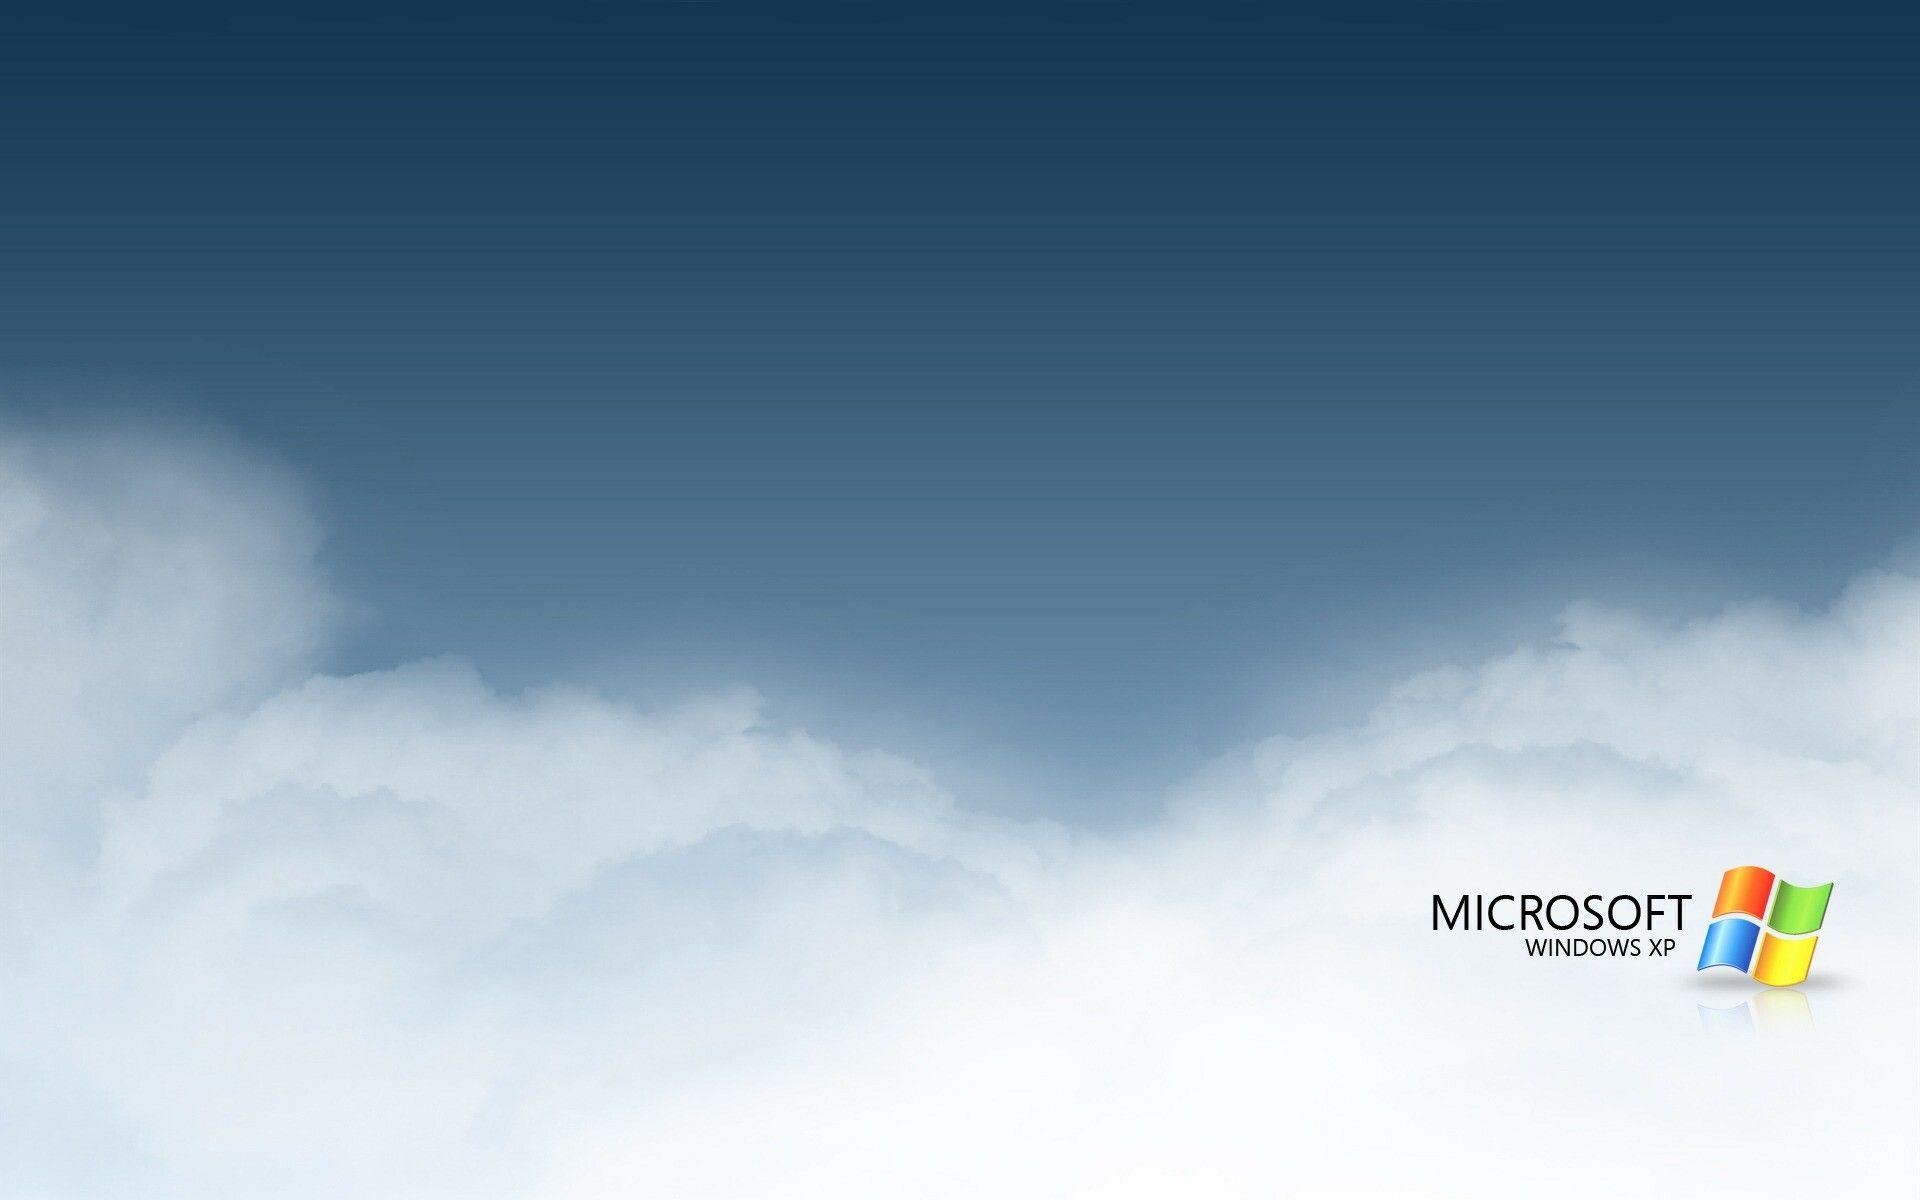 1920x1200 Wallpaper Windows Xp Clouds Gray White